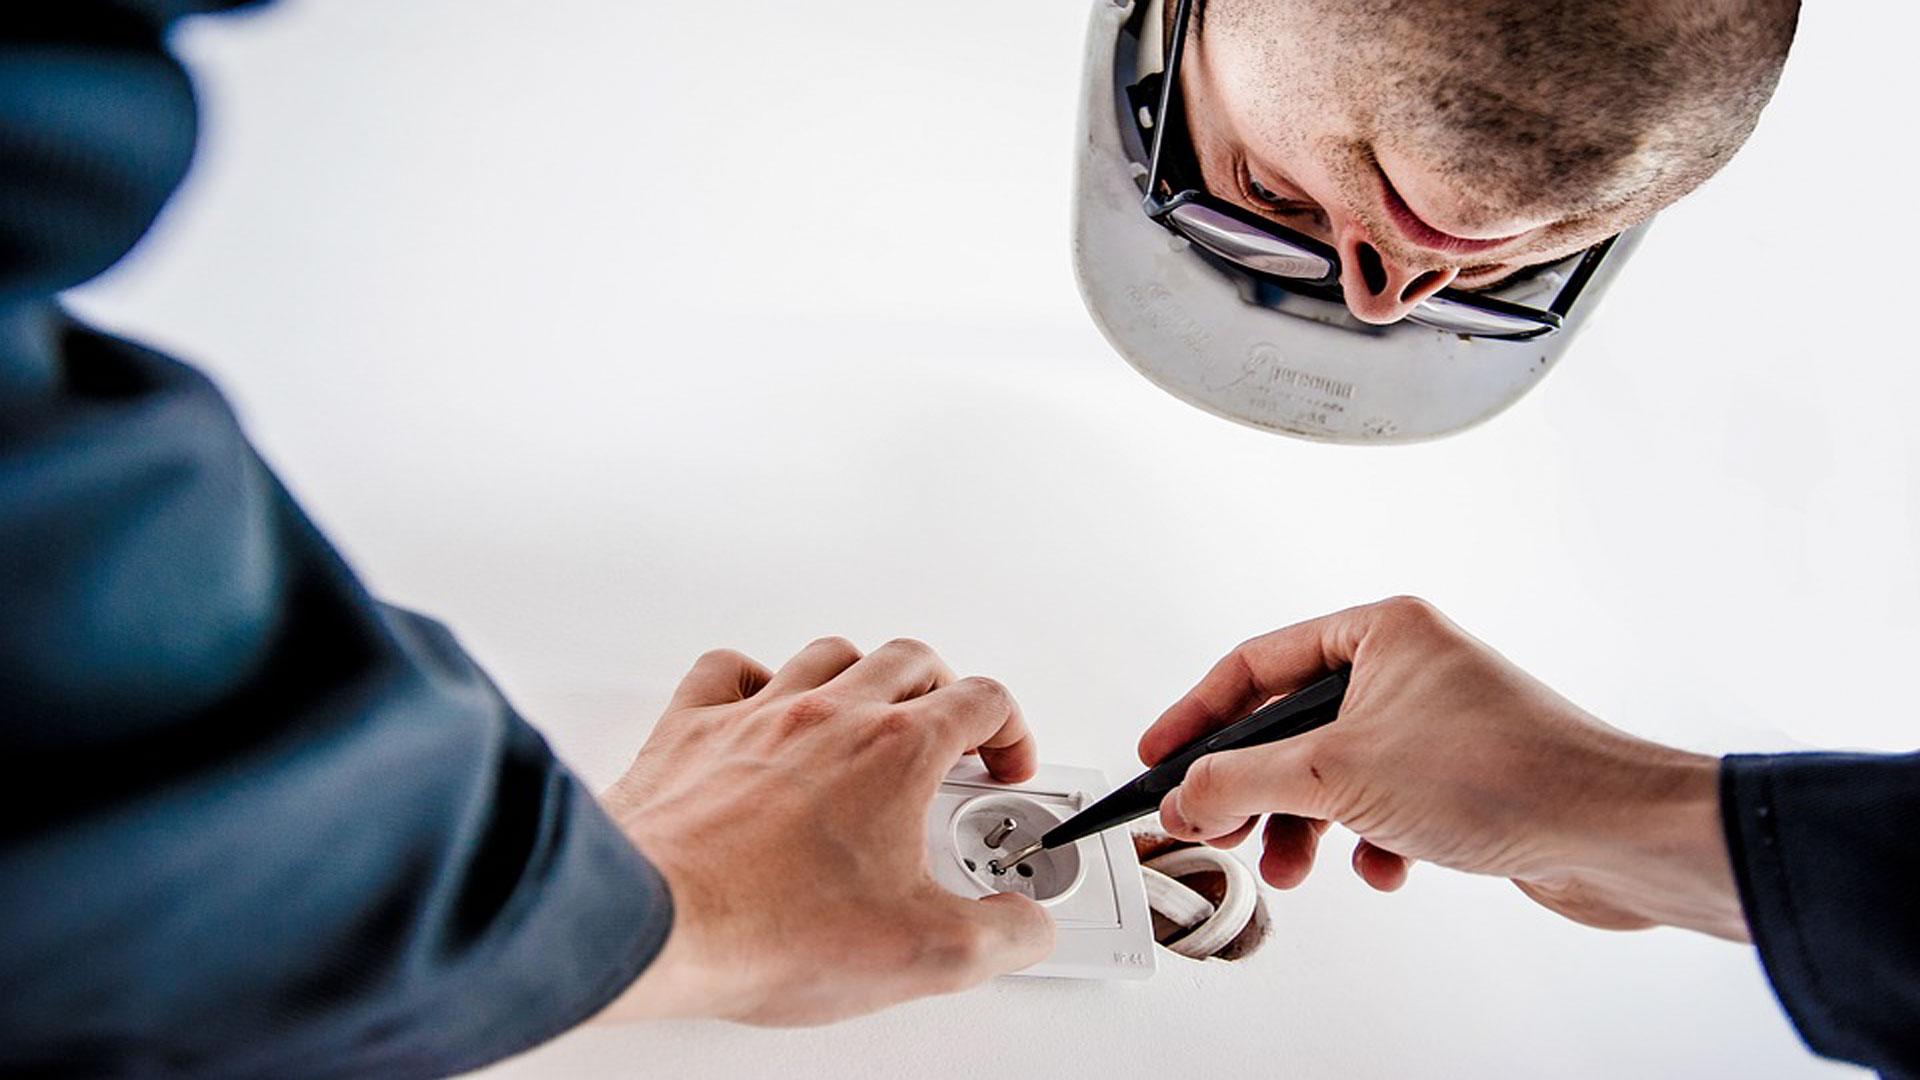 10 Herramientas utiles para trabajar con electricidad